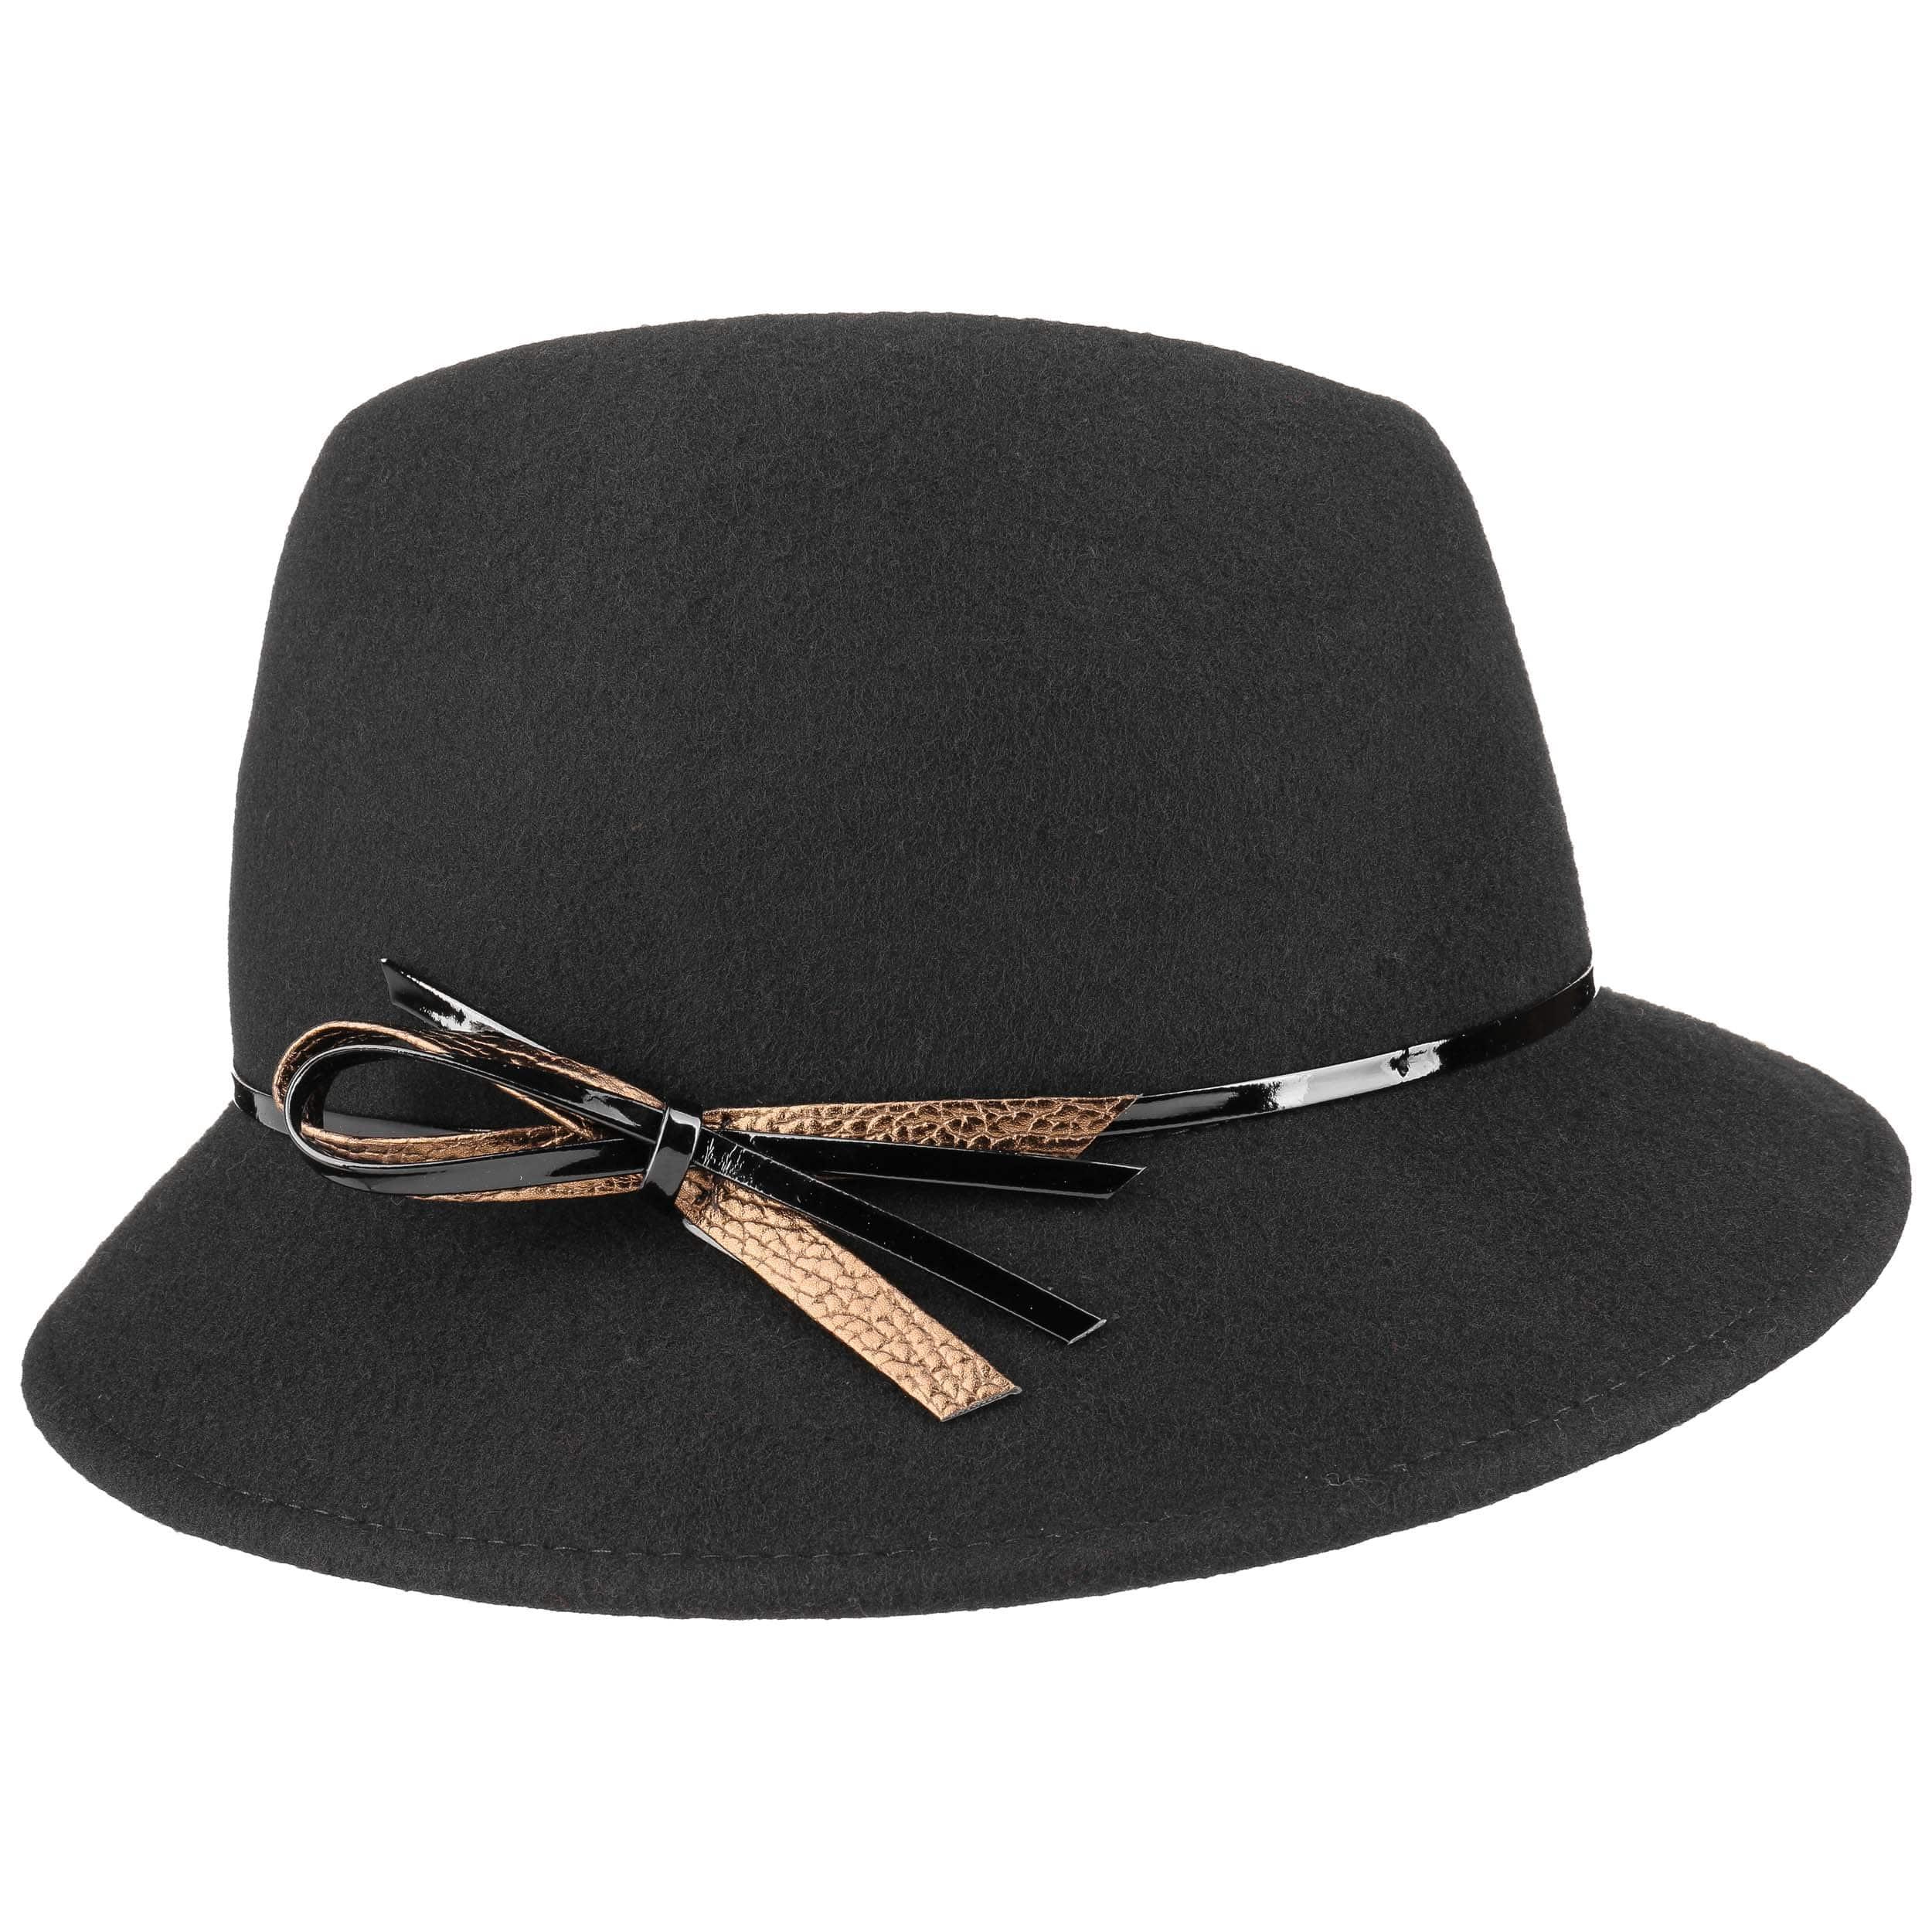 e5b619b1b9687 Sombrero Mujer con Lazo Lacado by Lierys - Sombreros - sombreroshop.es